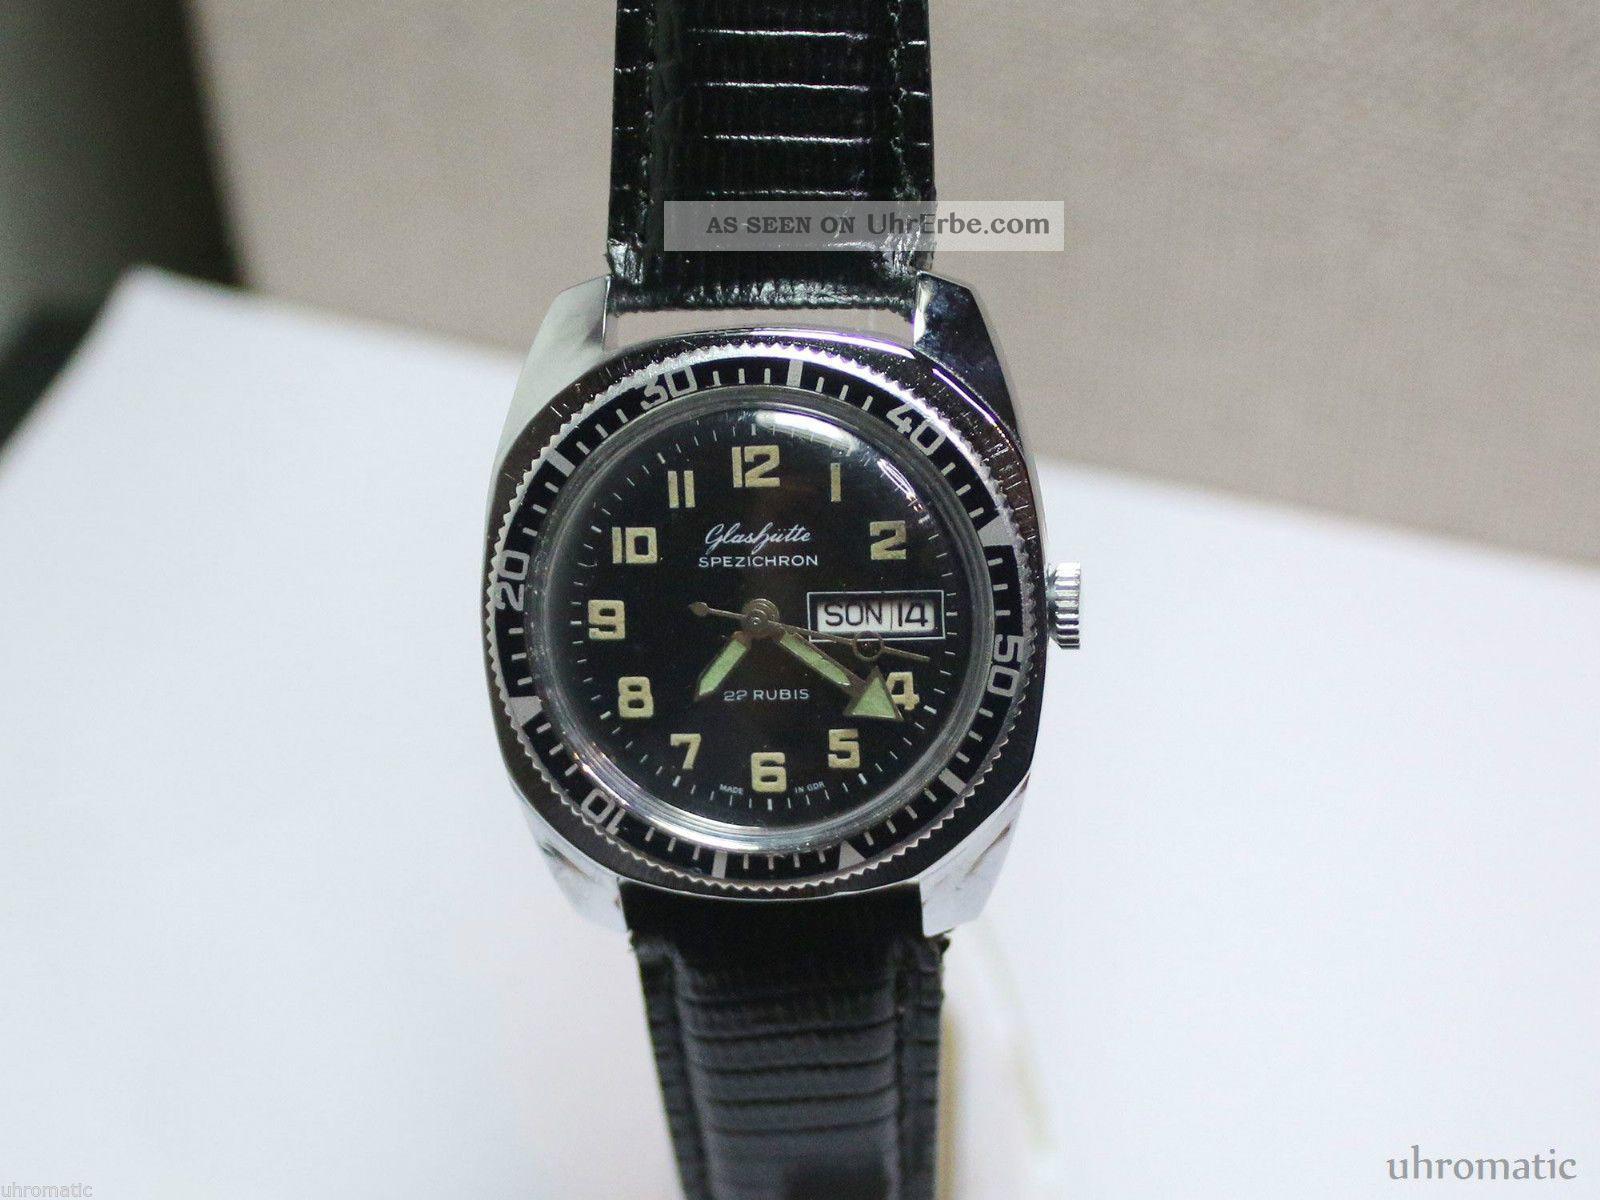 Massive Herrenuhr /men ' S Wrist Watch/ Glashütte Spezichron.  Kaliber 11 - 27 Armbanduhren Bild